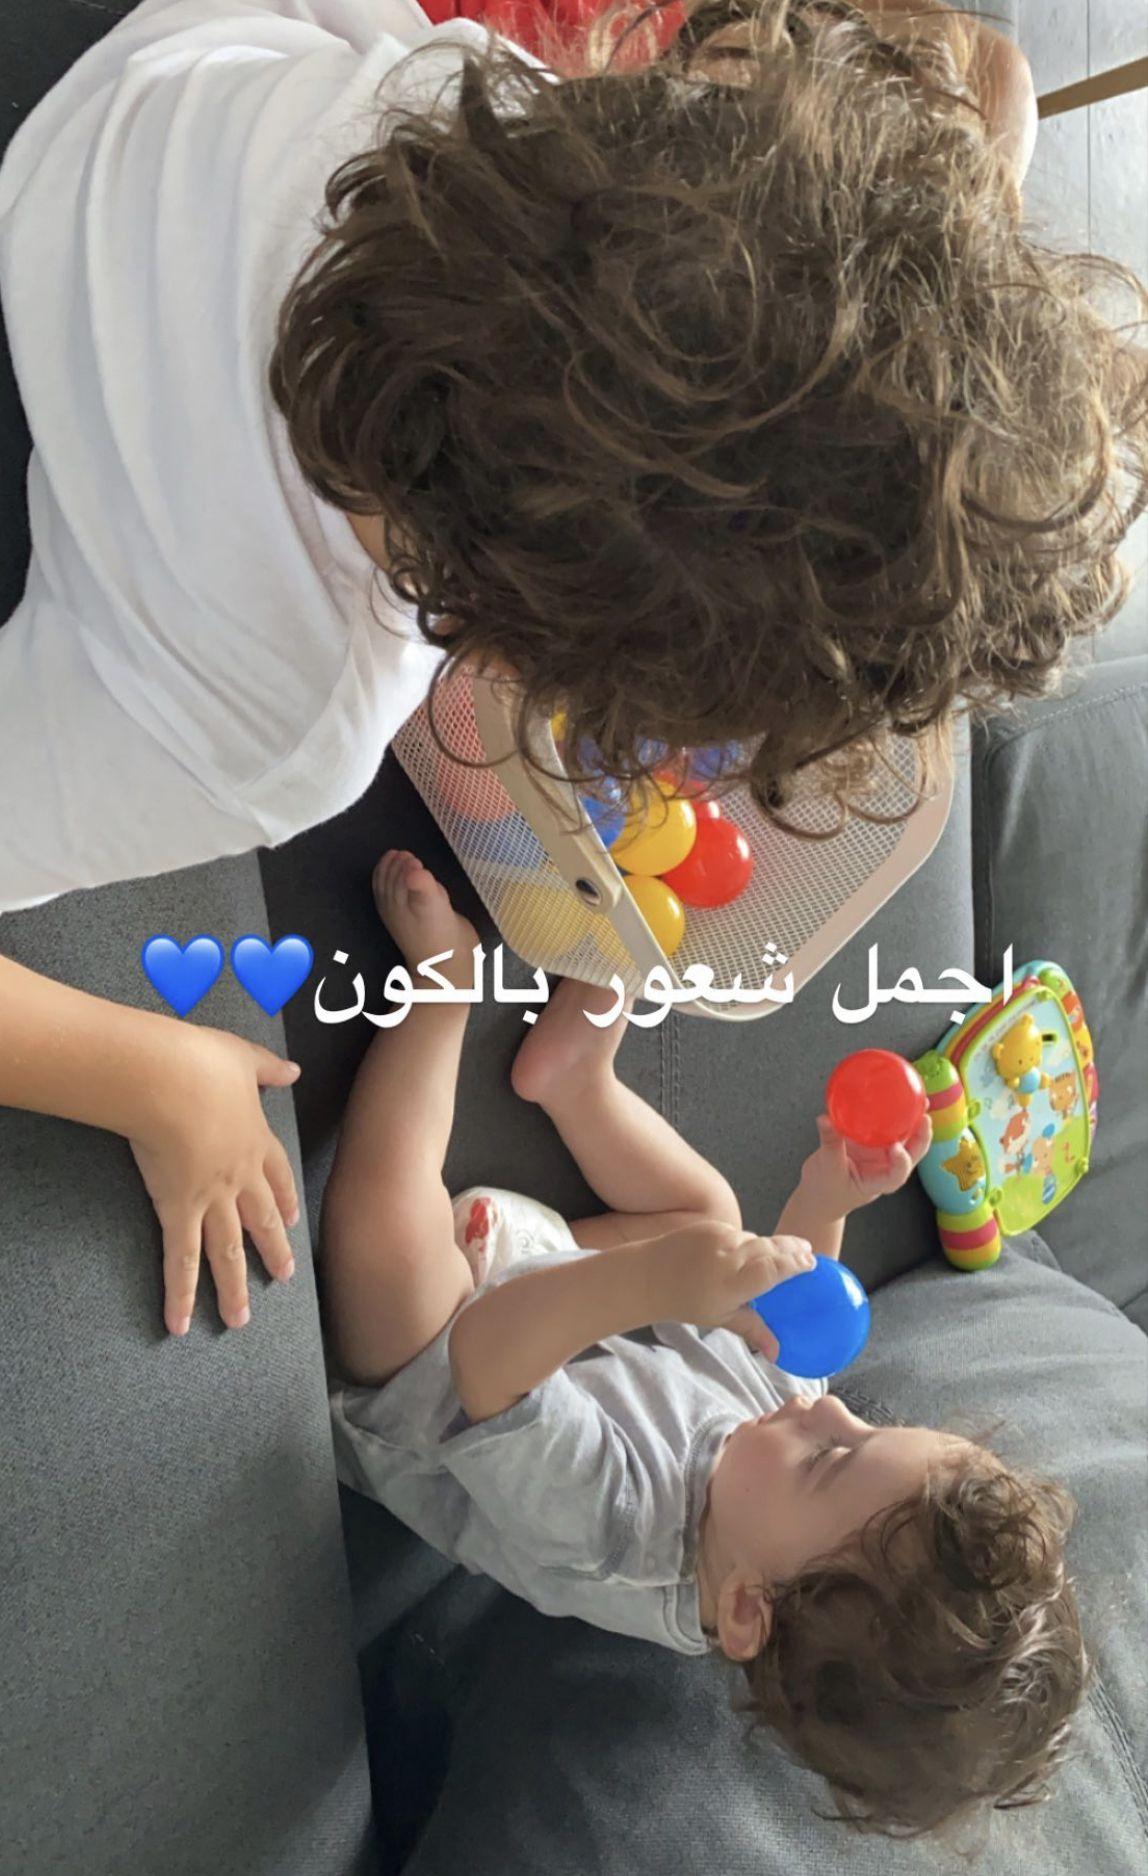 ميريام فارس وأجمل صورة لطفليها معاً - صورة